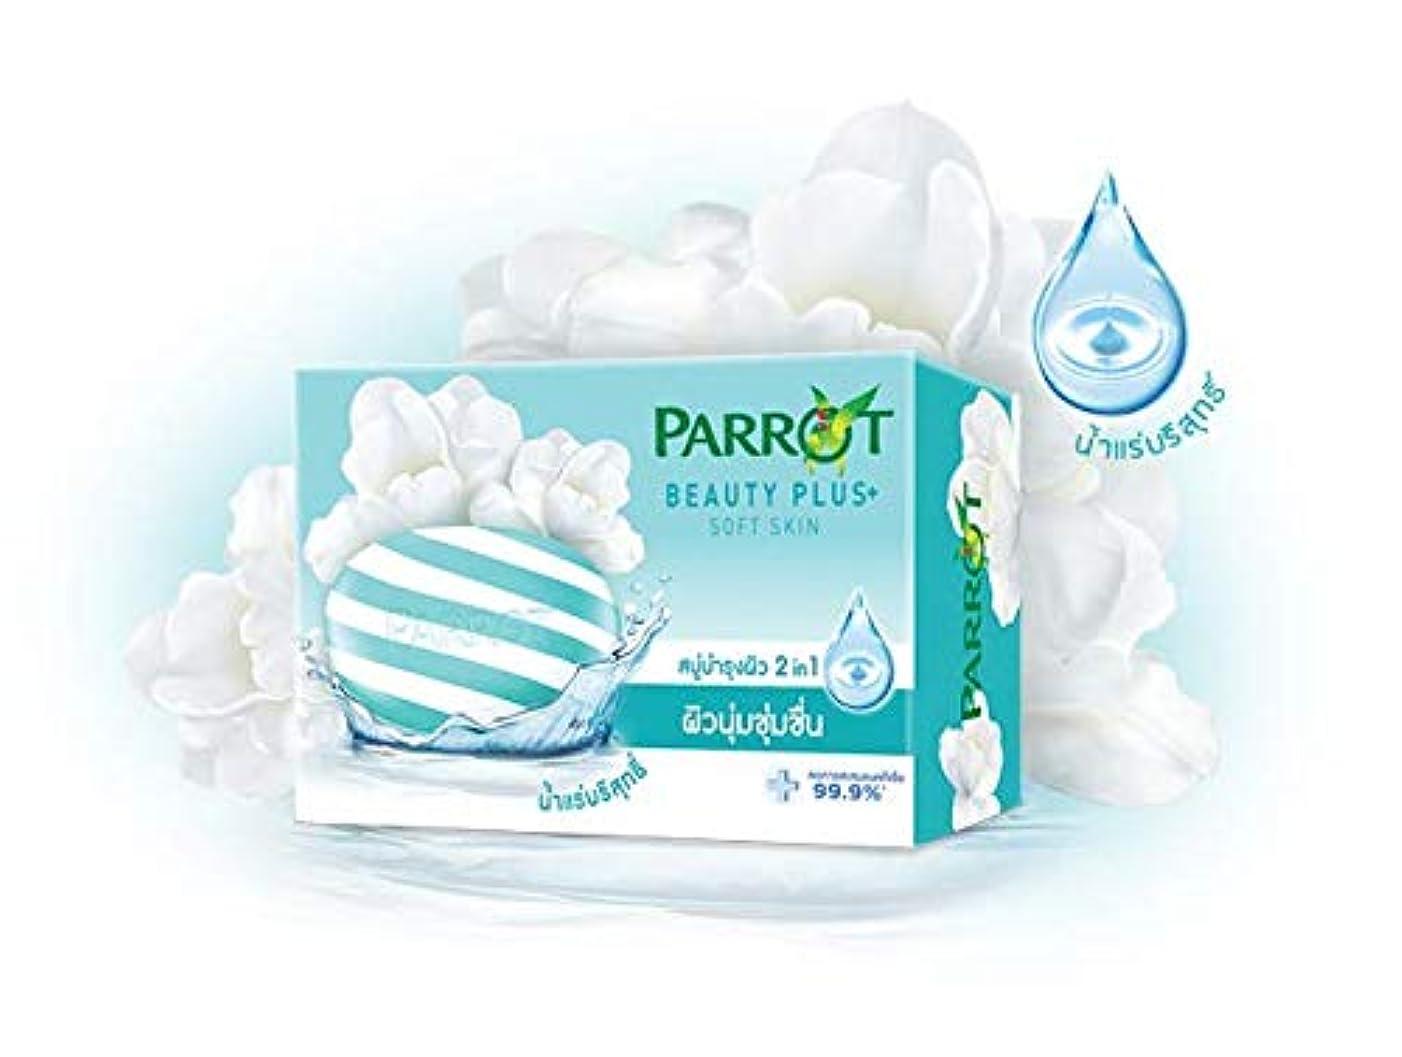 他に用心不十分なParrot Soap Reduce 99.9% bacteria accumulation Beauty Plus Sofe Skin (95 g x 4)